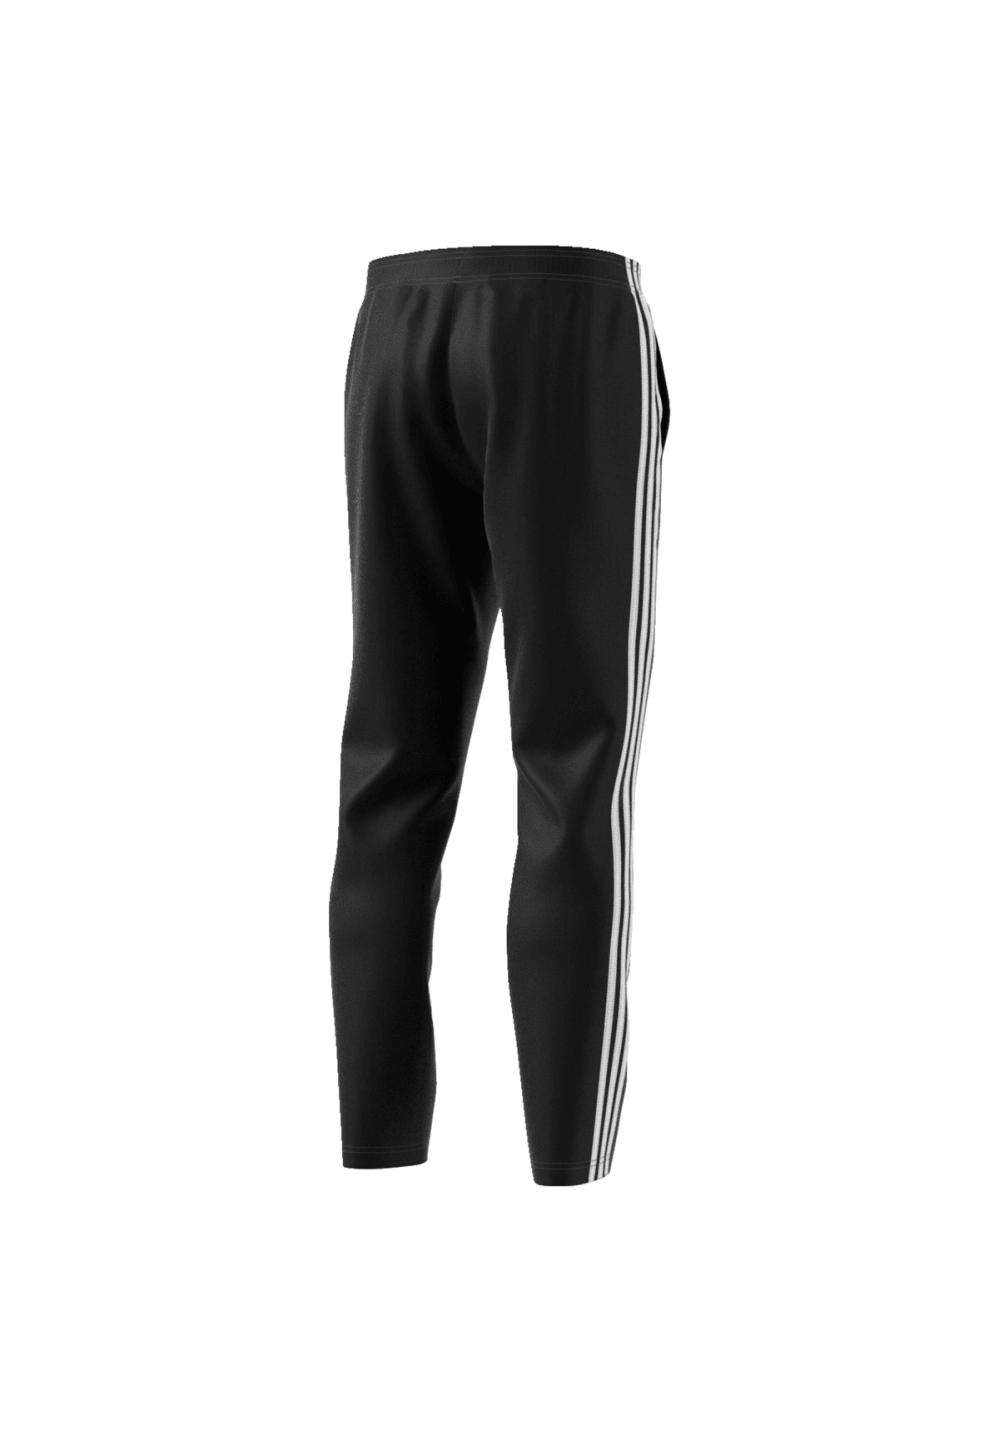 3 Schwarz Herren Laufhosen Pants Für Adidas Essentials Stripes L5q34ARj